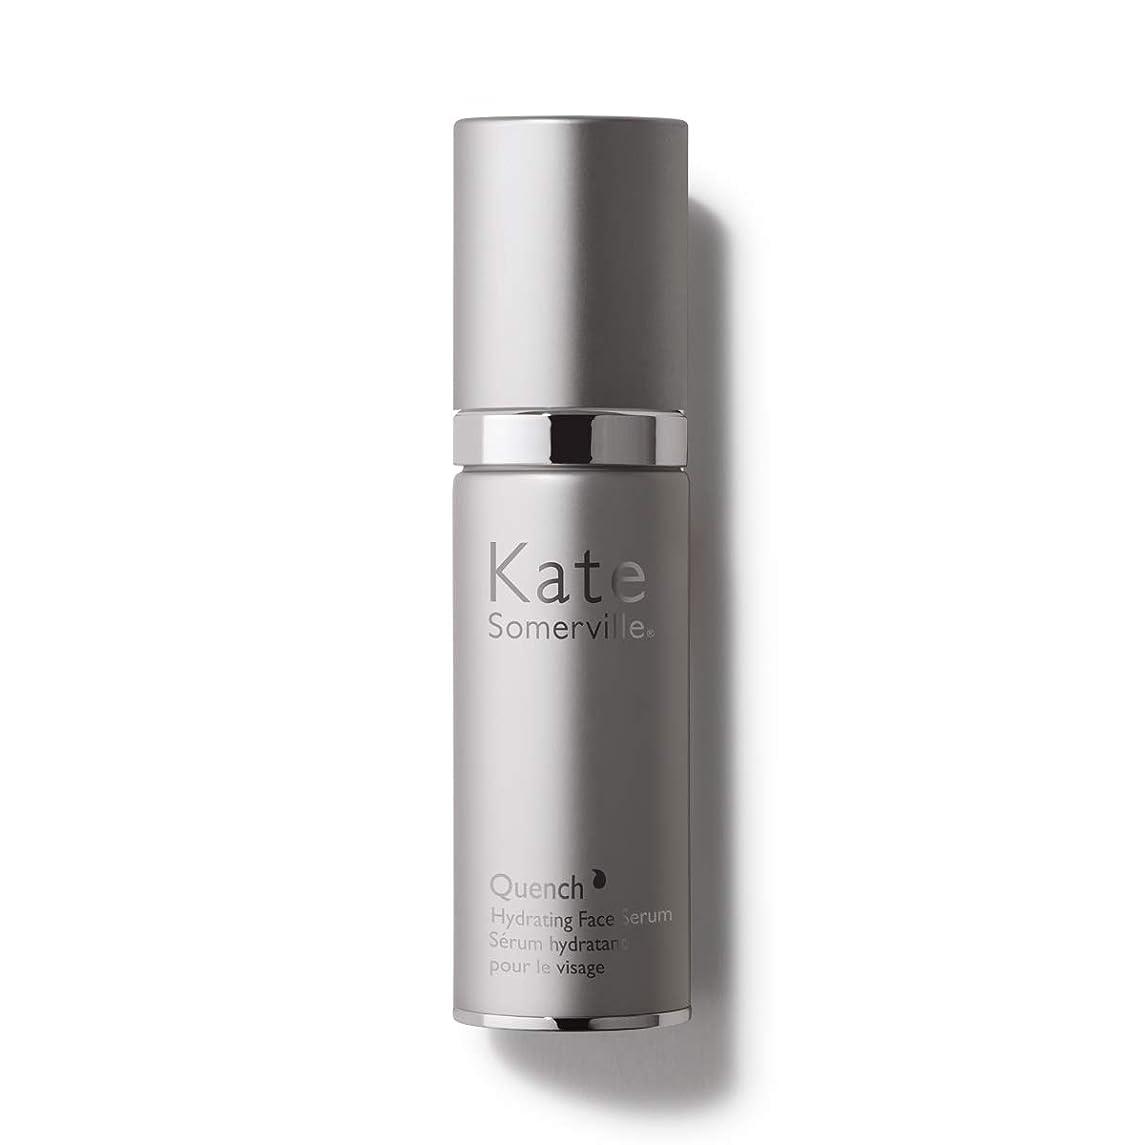 補正つづり発送【並行輸入品】Kate Somerville Quench Hydrating Face Serum 1 oz